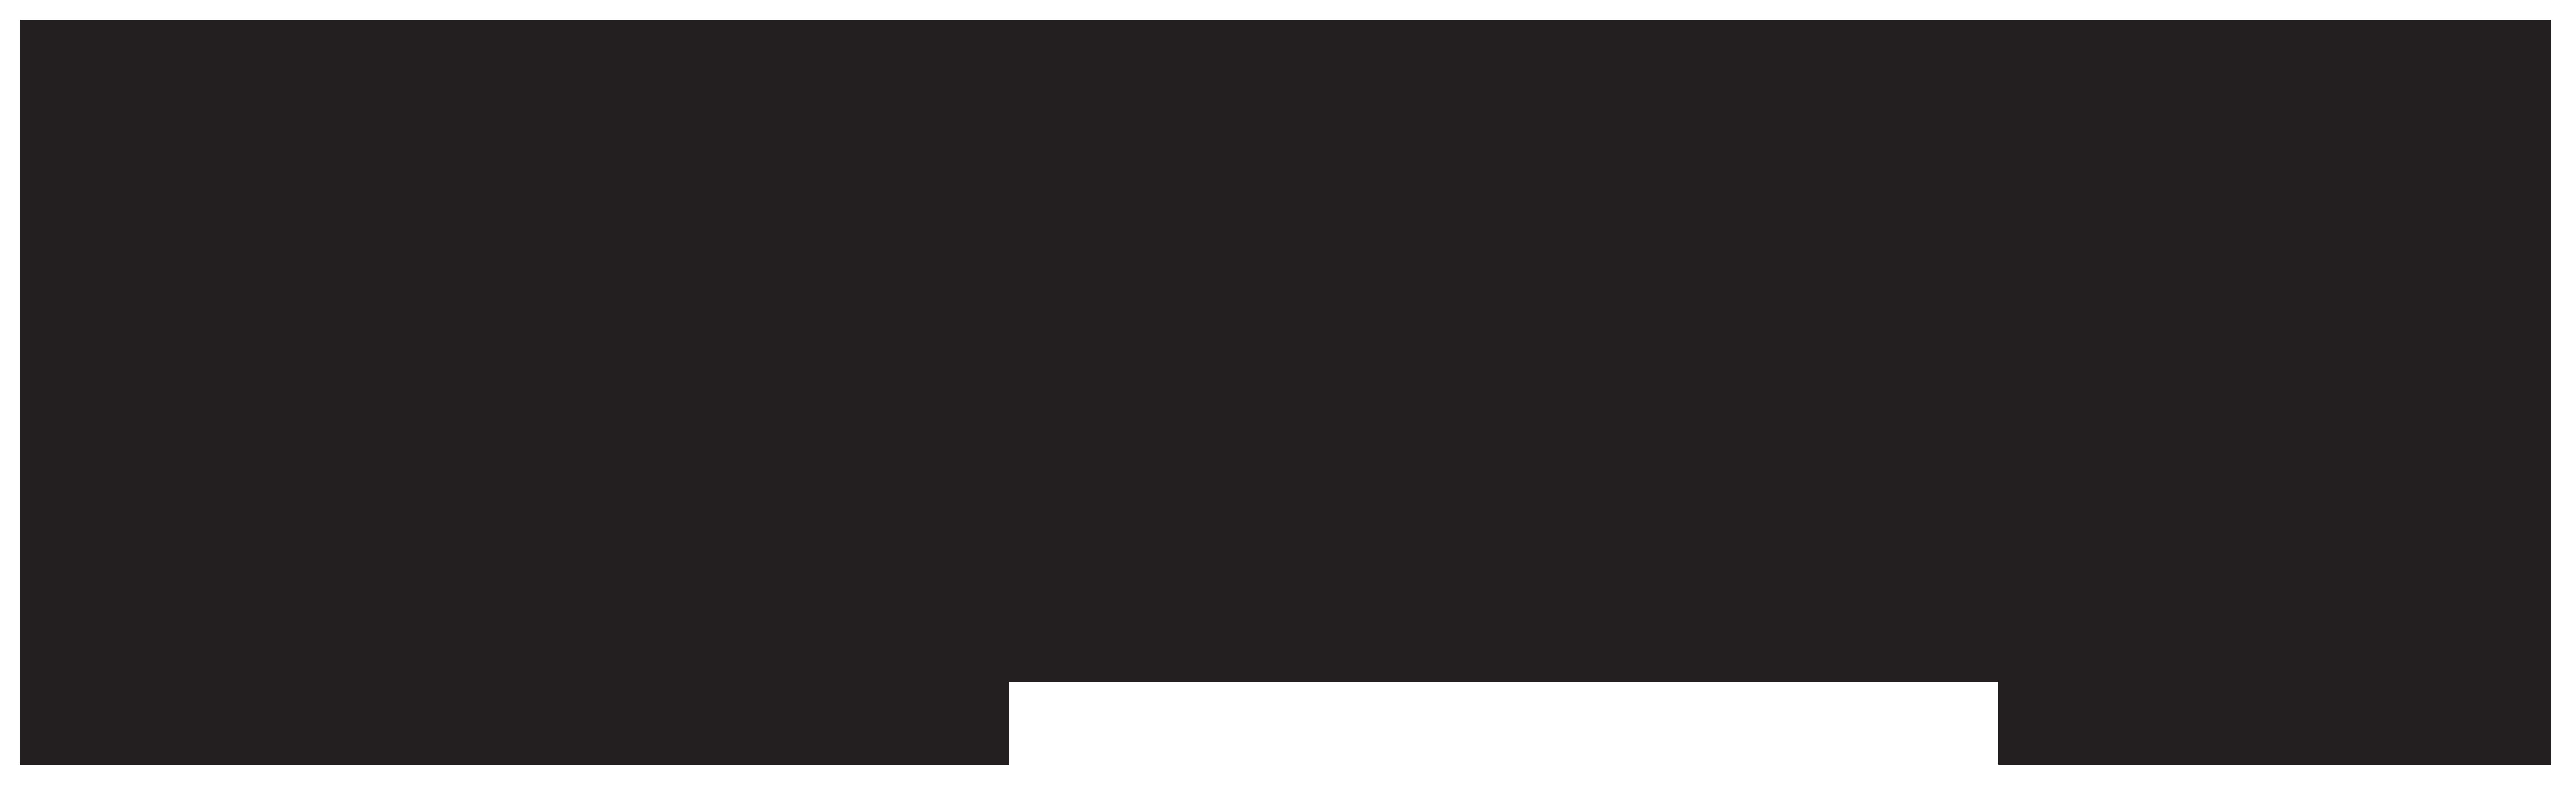 Santa claus reindeer.